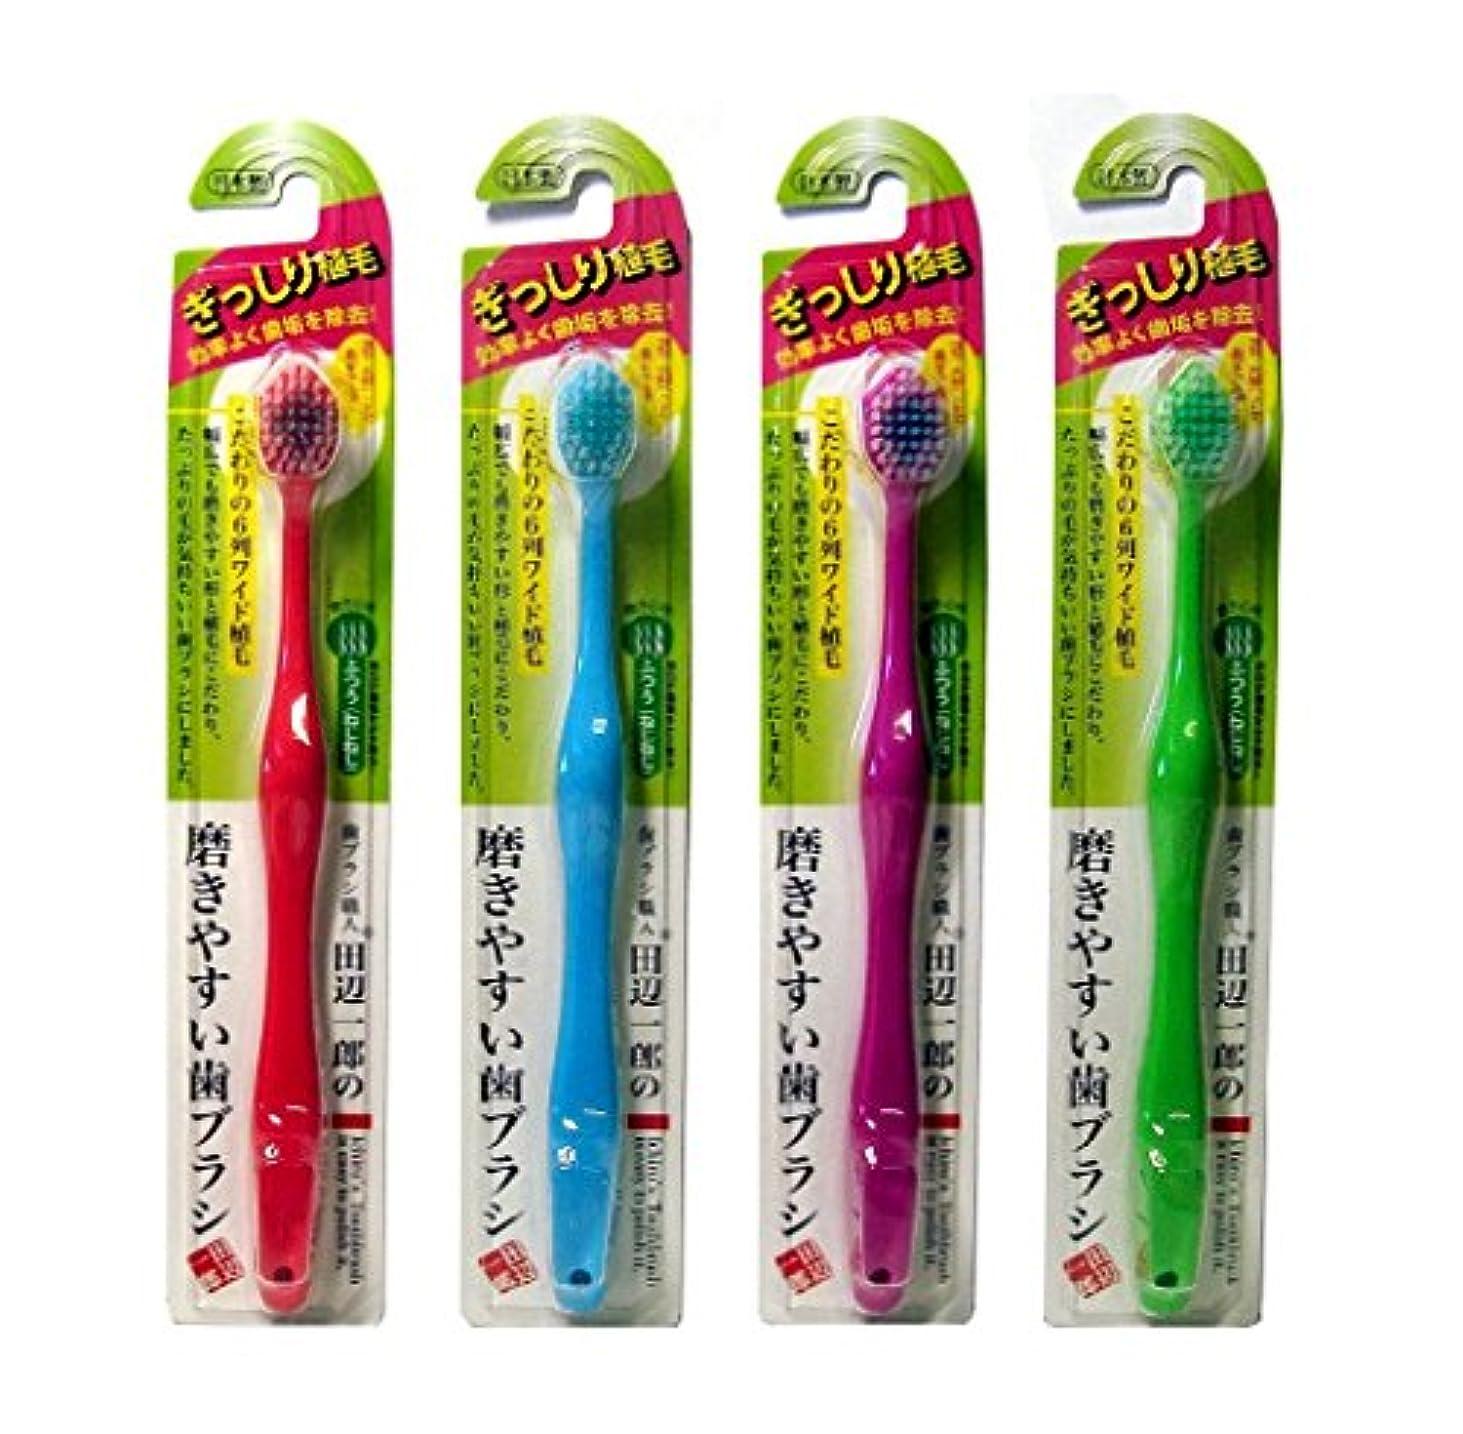 機構低下精神医学ライフレンジ 田辺一郎の磨きやすい歯ブラシ 6列ワイドタイプ ふつう(ねじねじ) LT-31 4本セット(レッド・ブルー・パープル・グリーン)